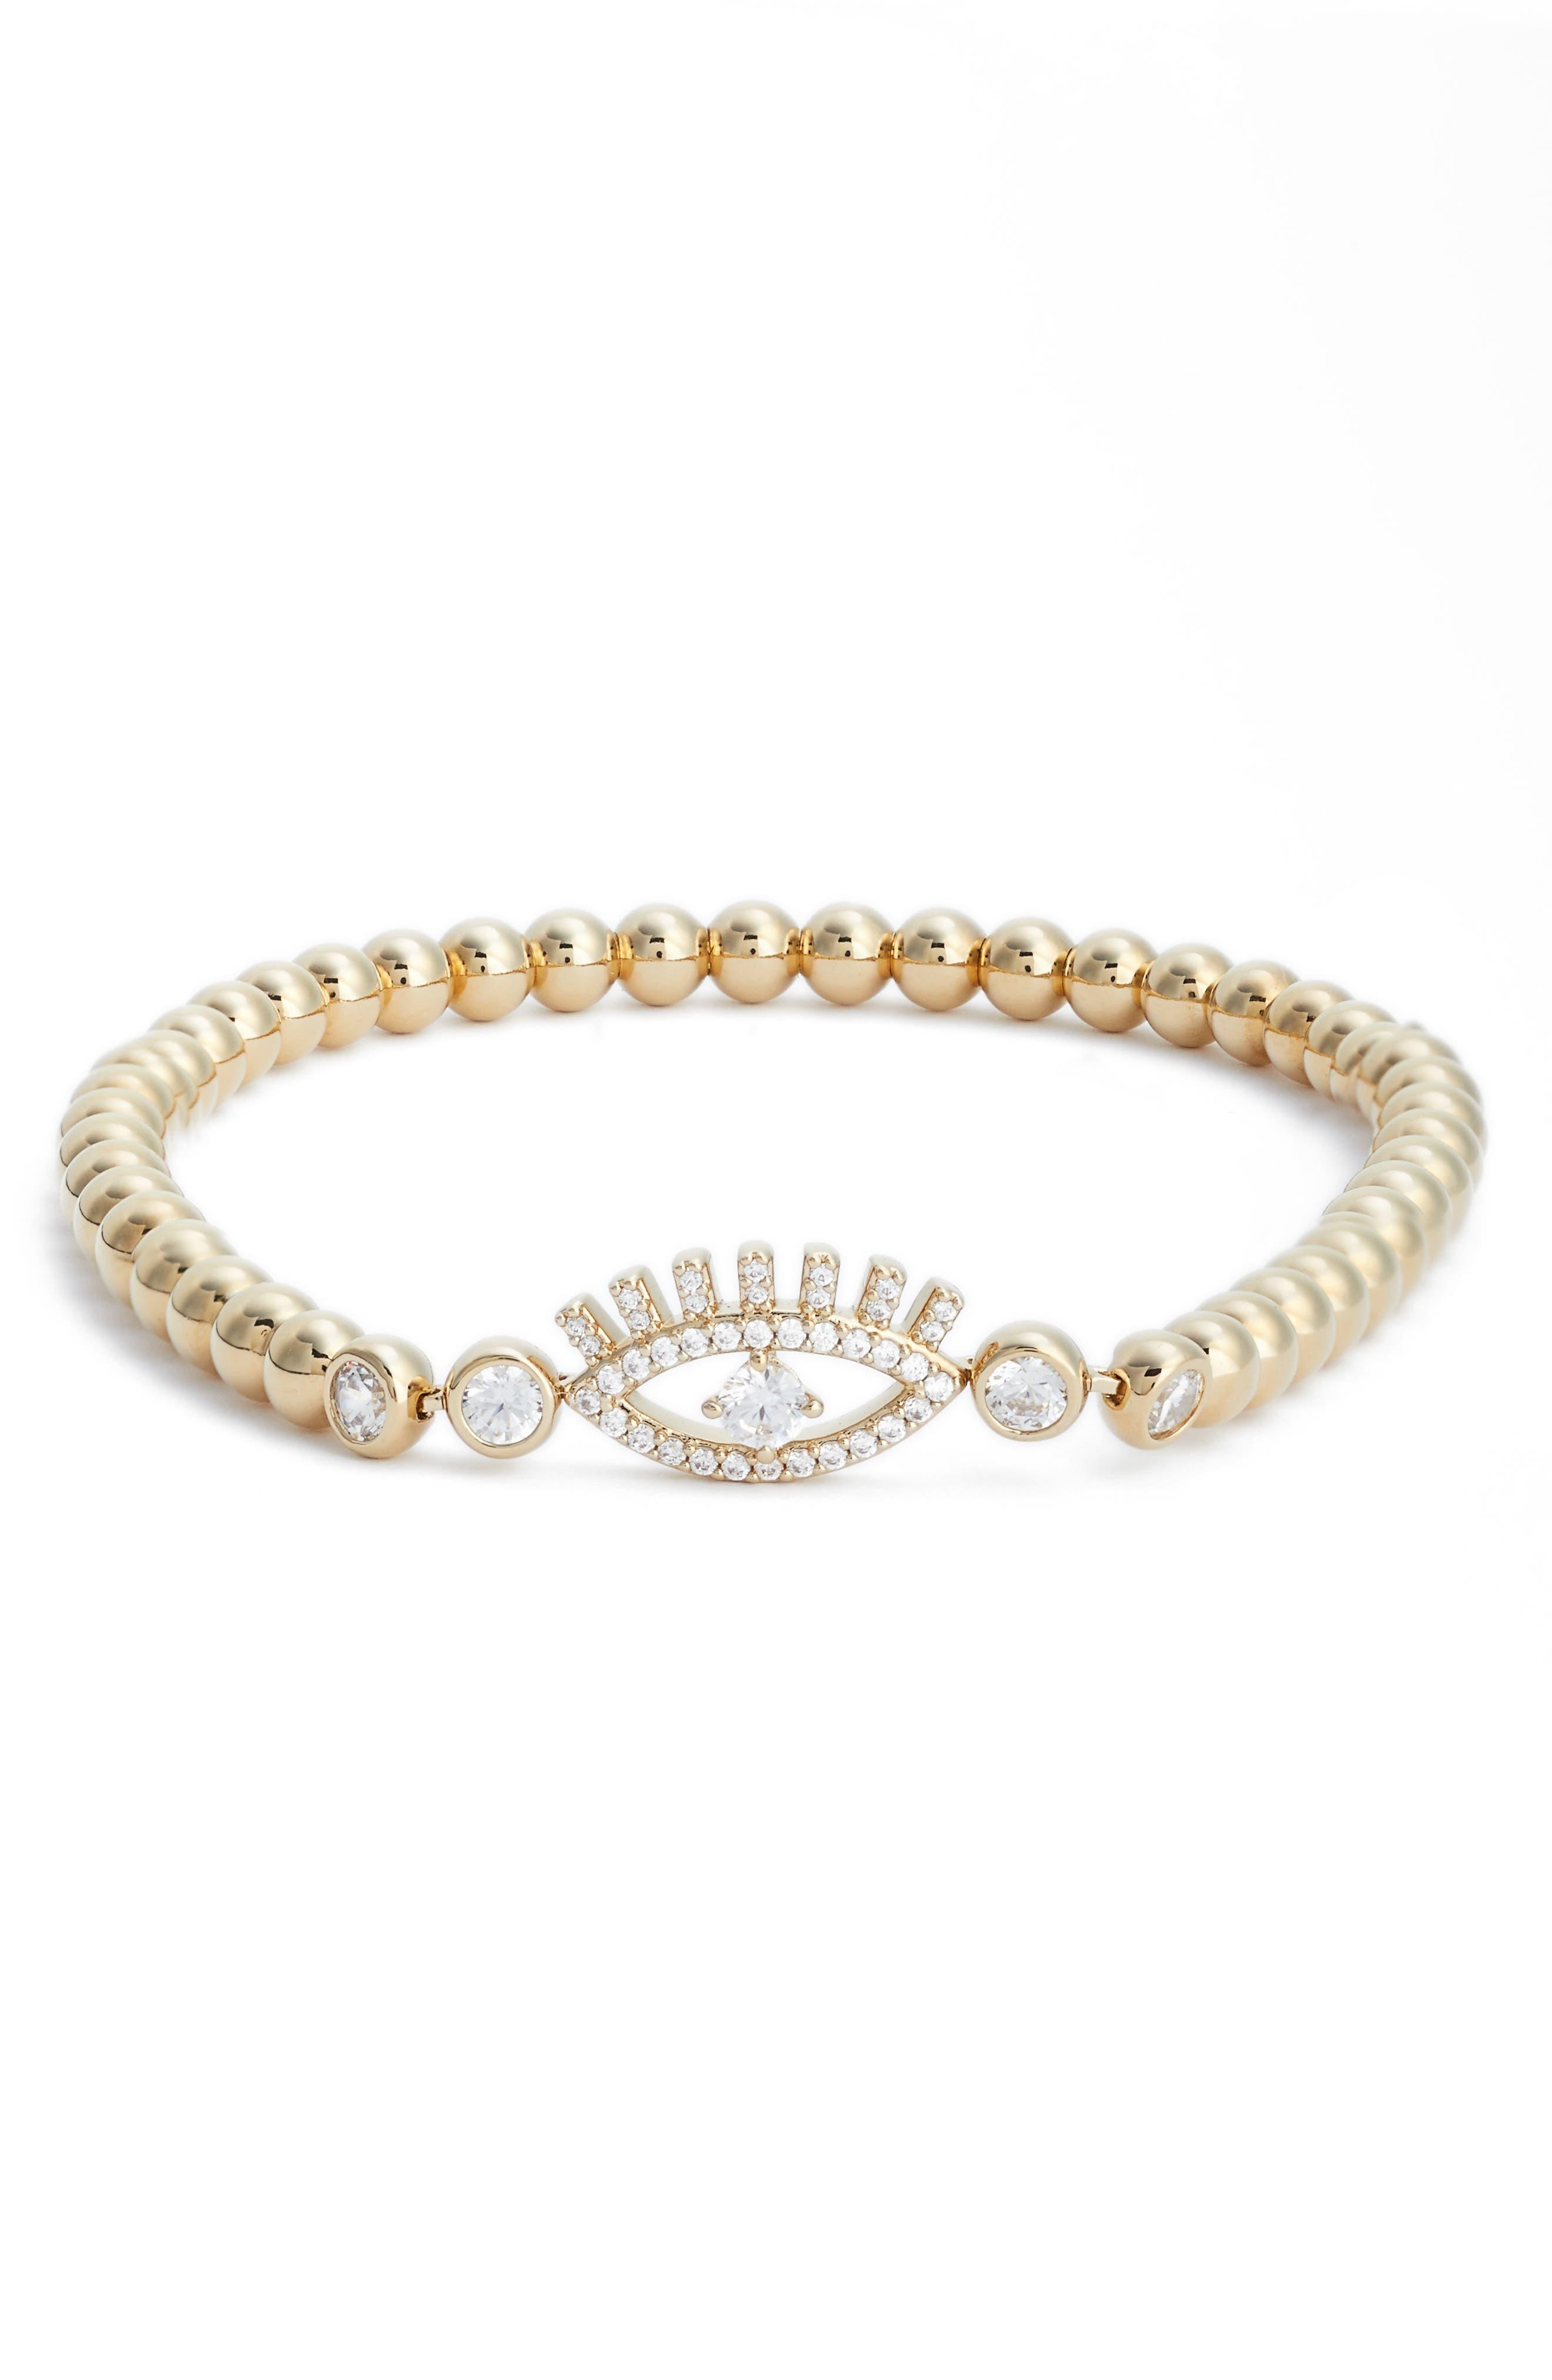 Amulet Cubic Zirconia Bracelet,                             Main thumbnail 1, color,                             Gold/ Clear